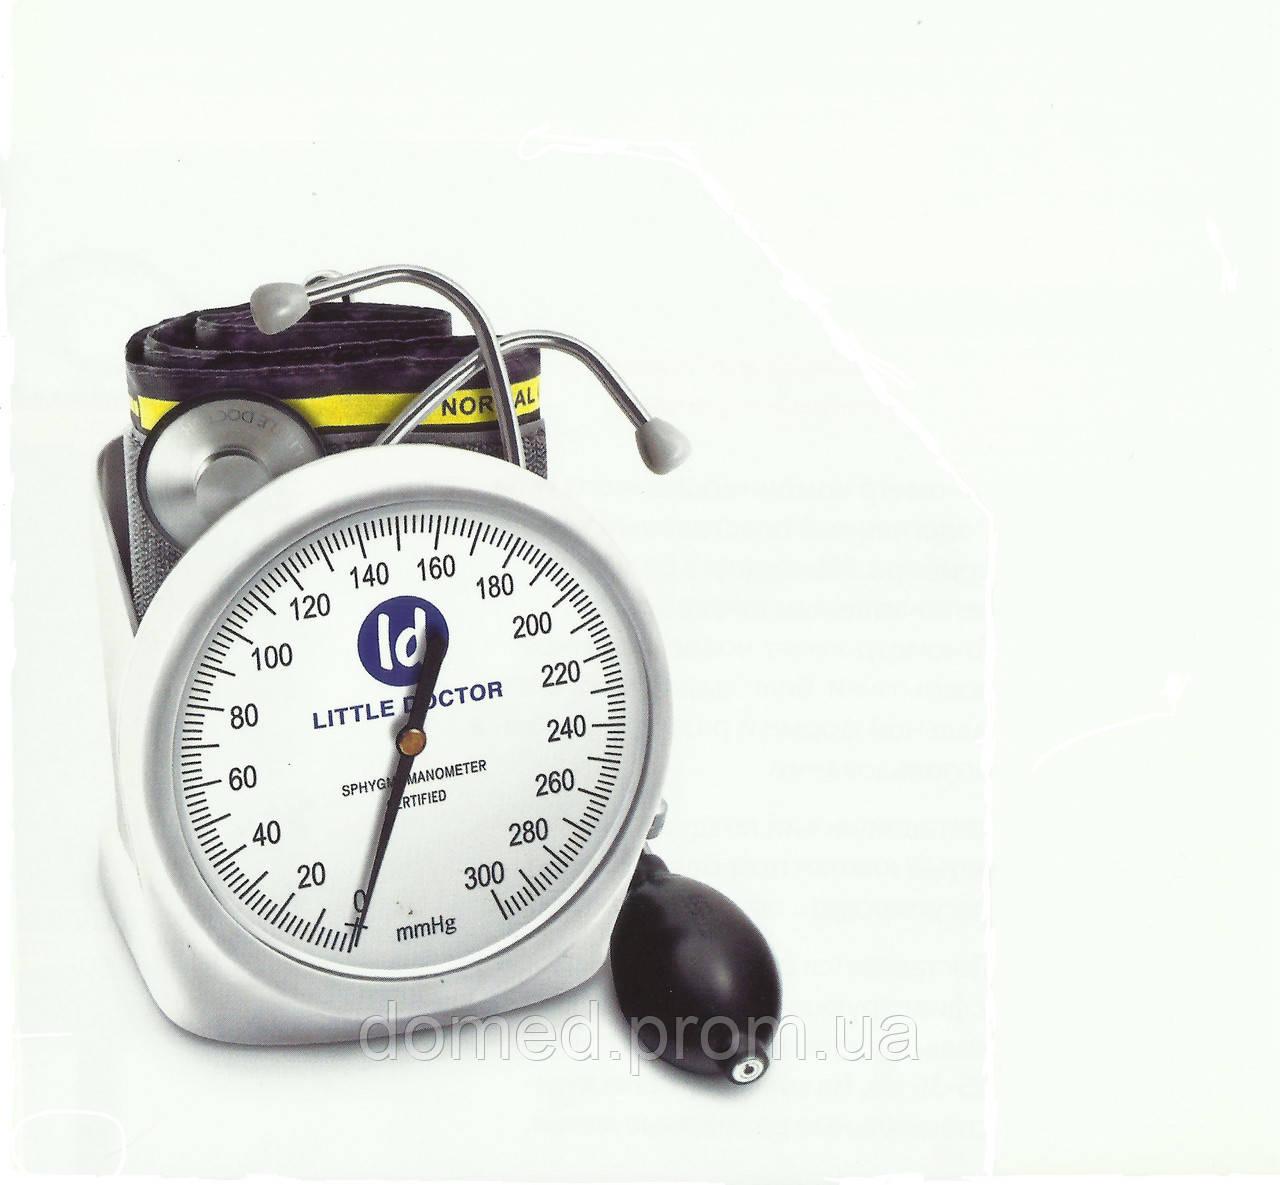 Тонометр механический на плечо Little Doctor LD-100 профессиональный настольный тонометр